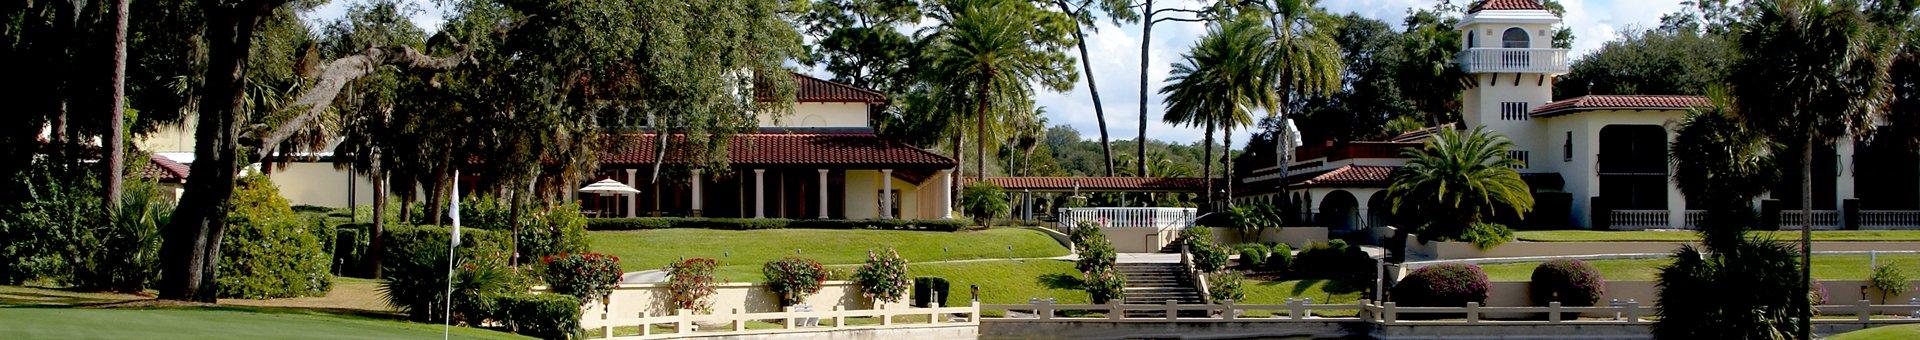 Marina Del Rey Mission Inn Resort Club